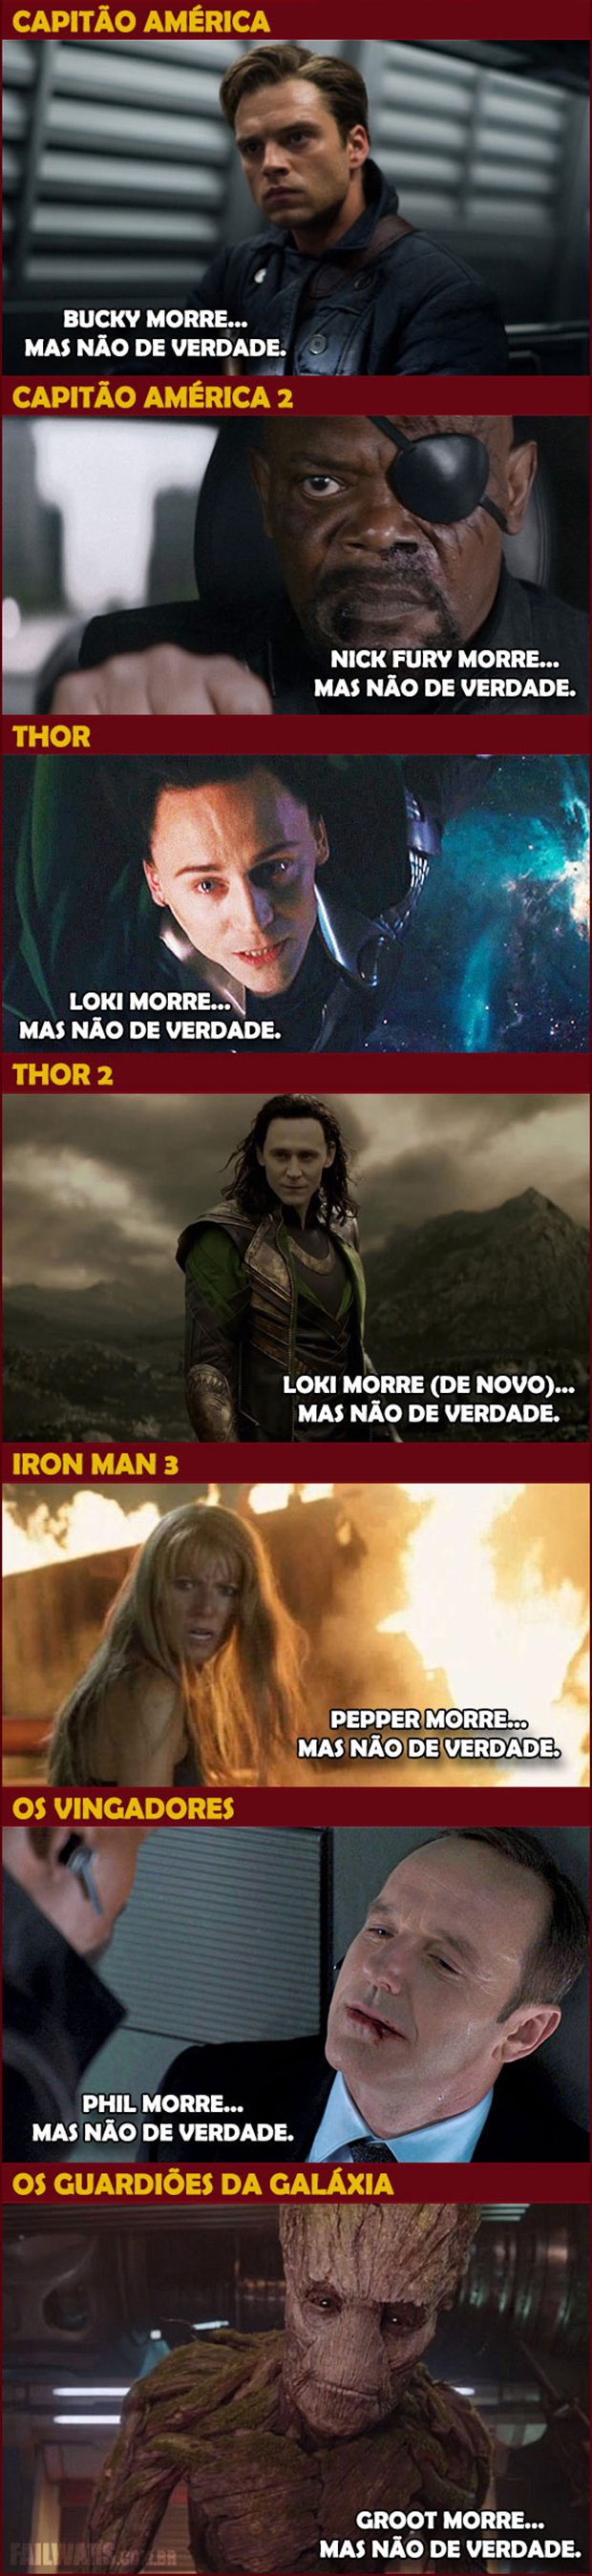 Como resumir os filmes da Marvel de uma forma bem simples 2